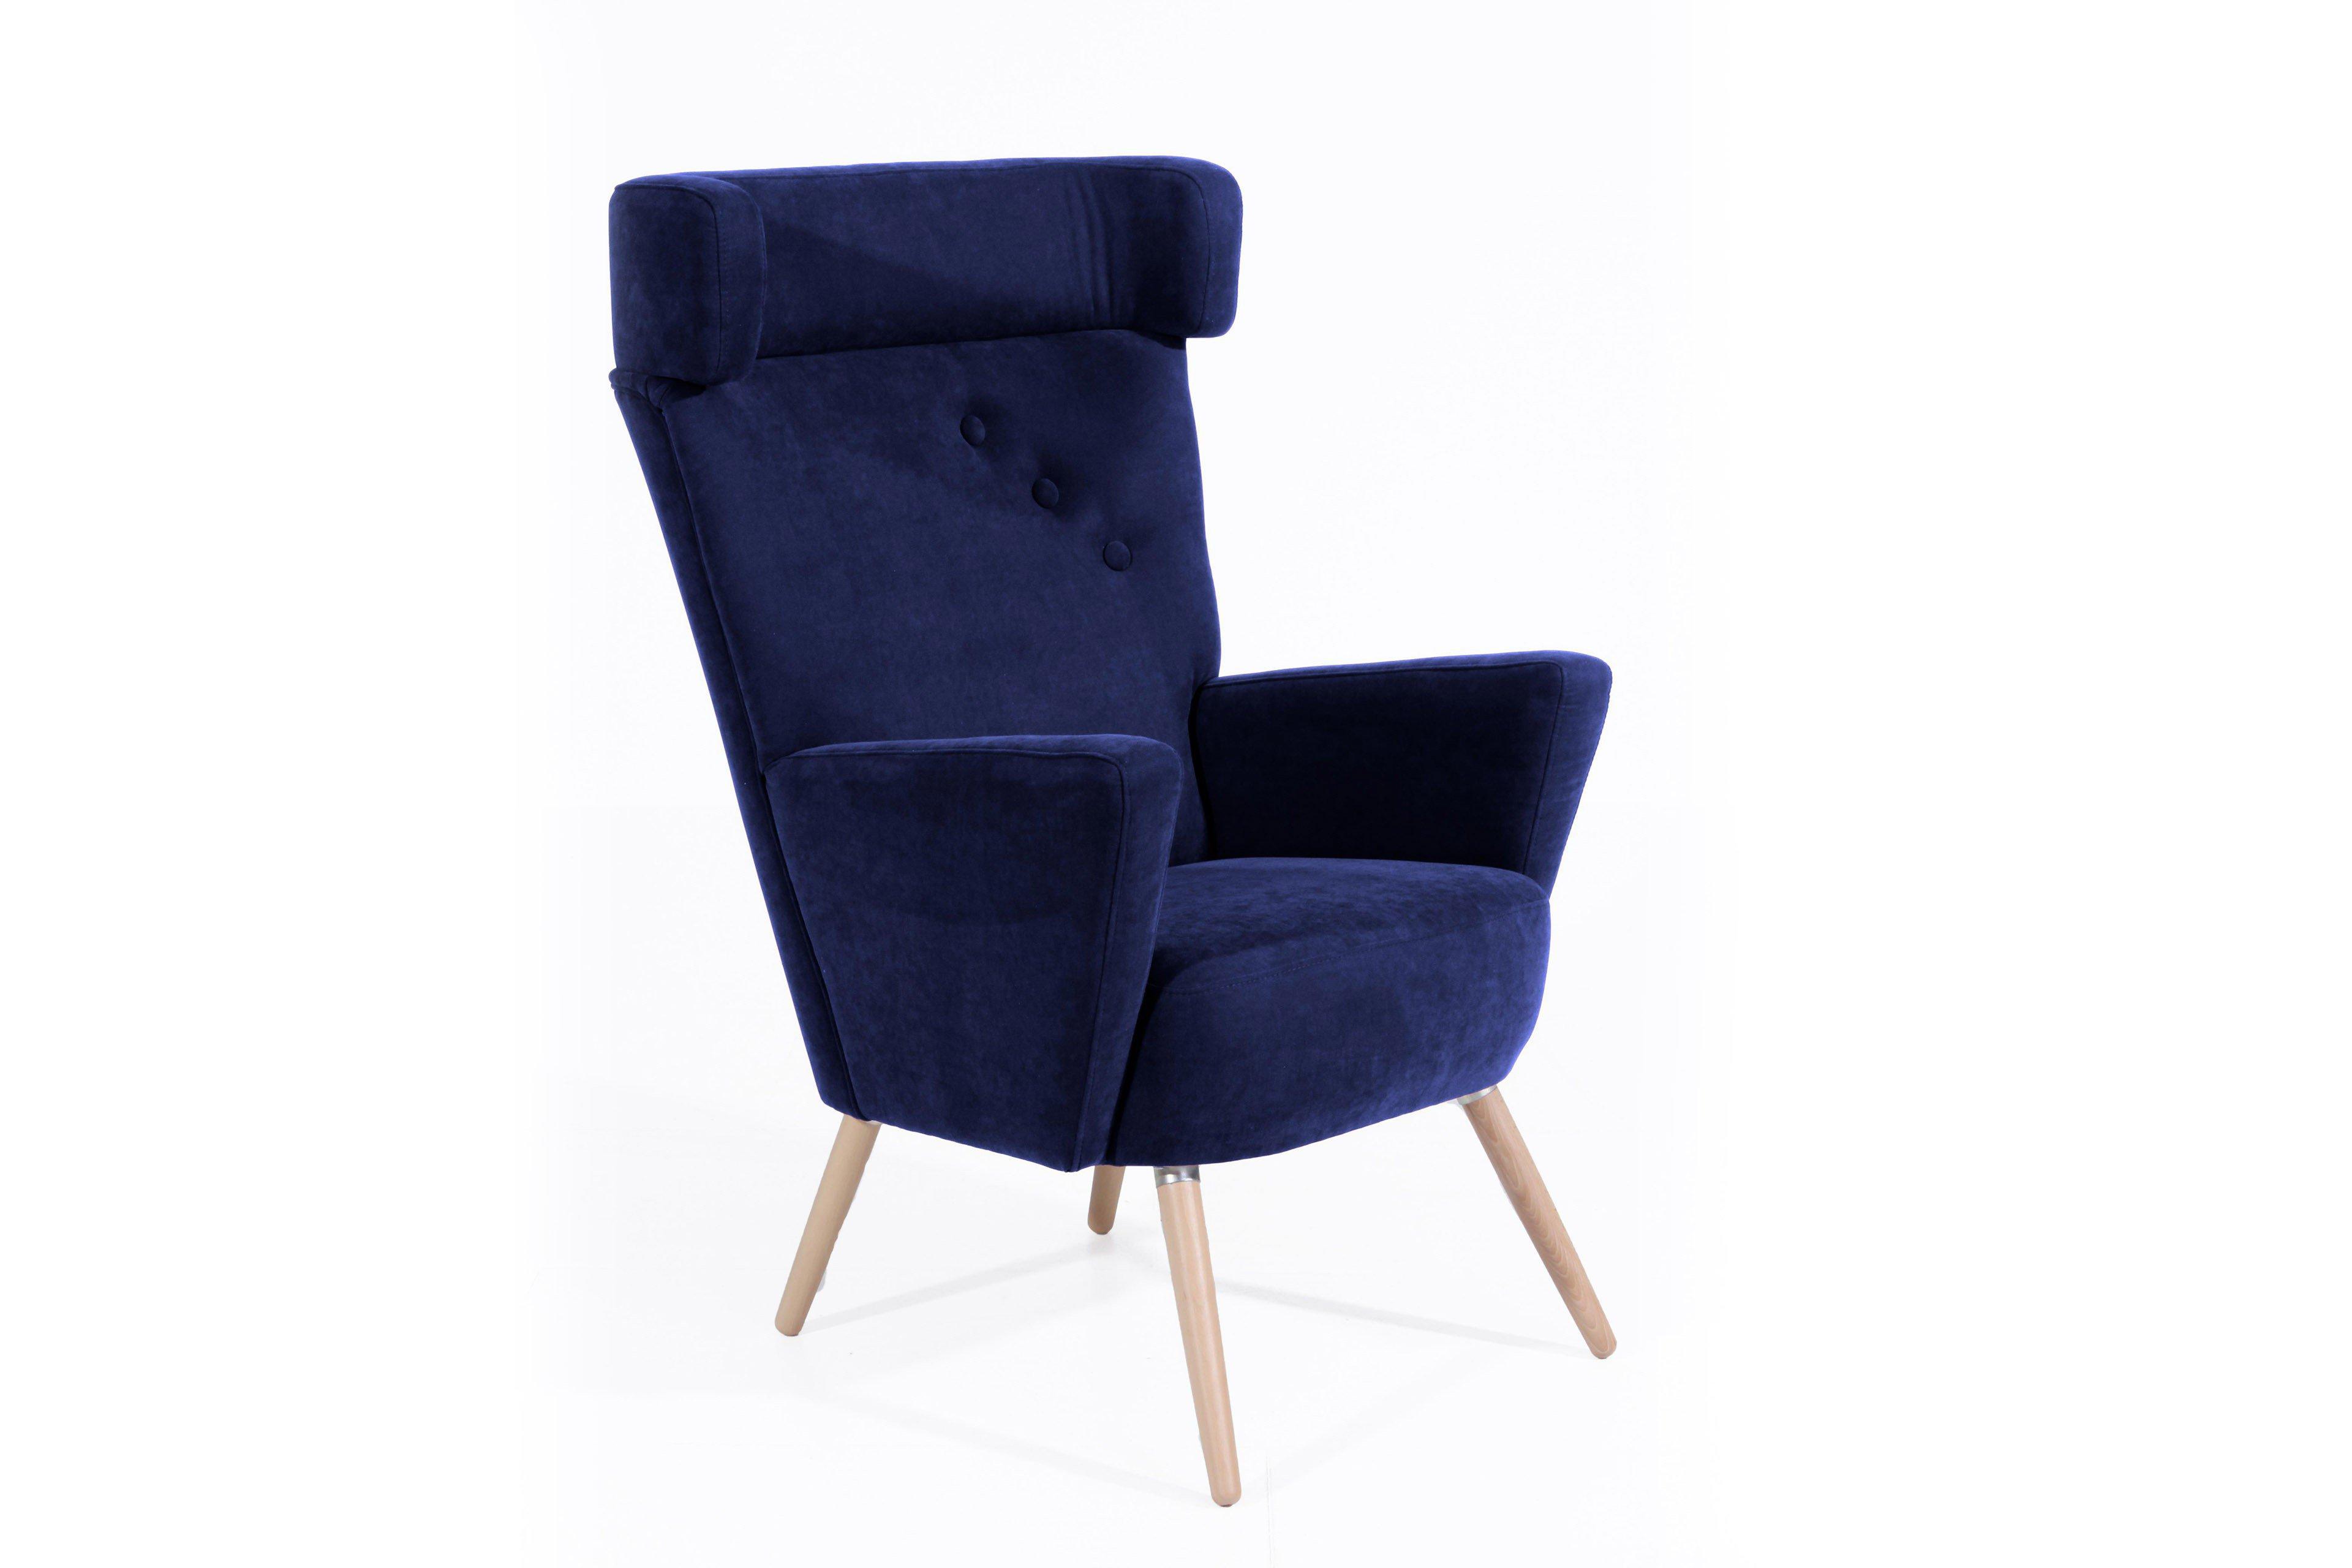 Max Winzer Hajo Ohrensessel In Blau Möbel Letz Ihr Online Shop